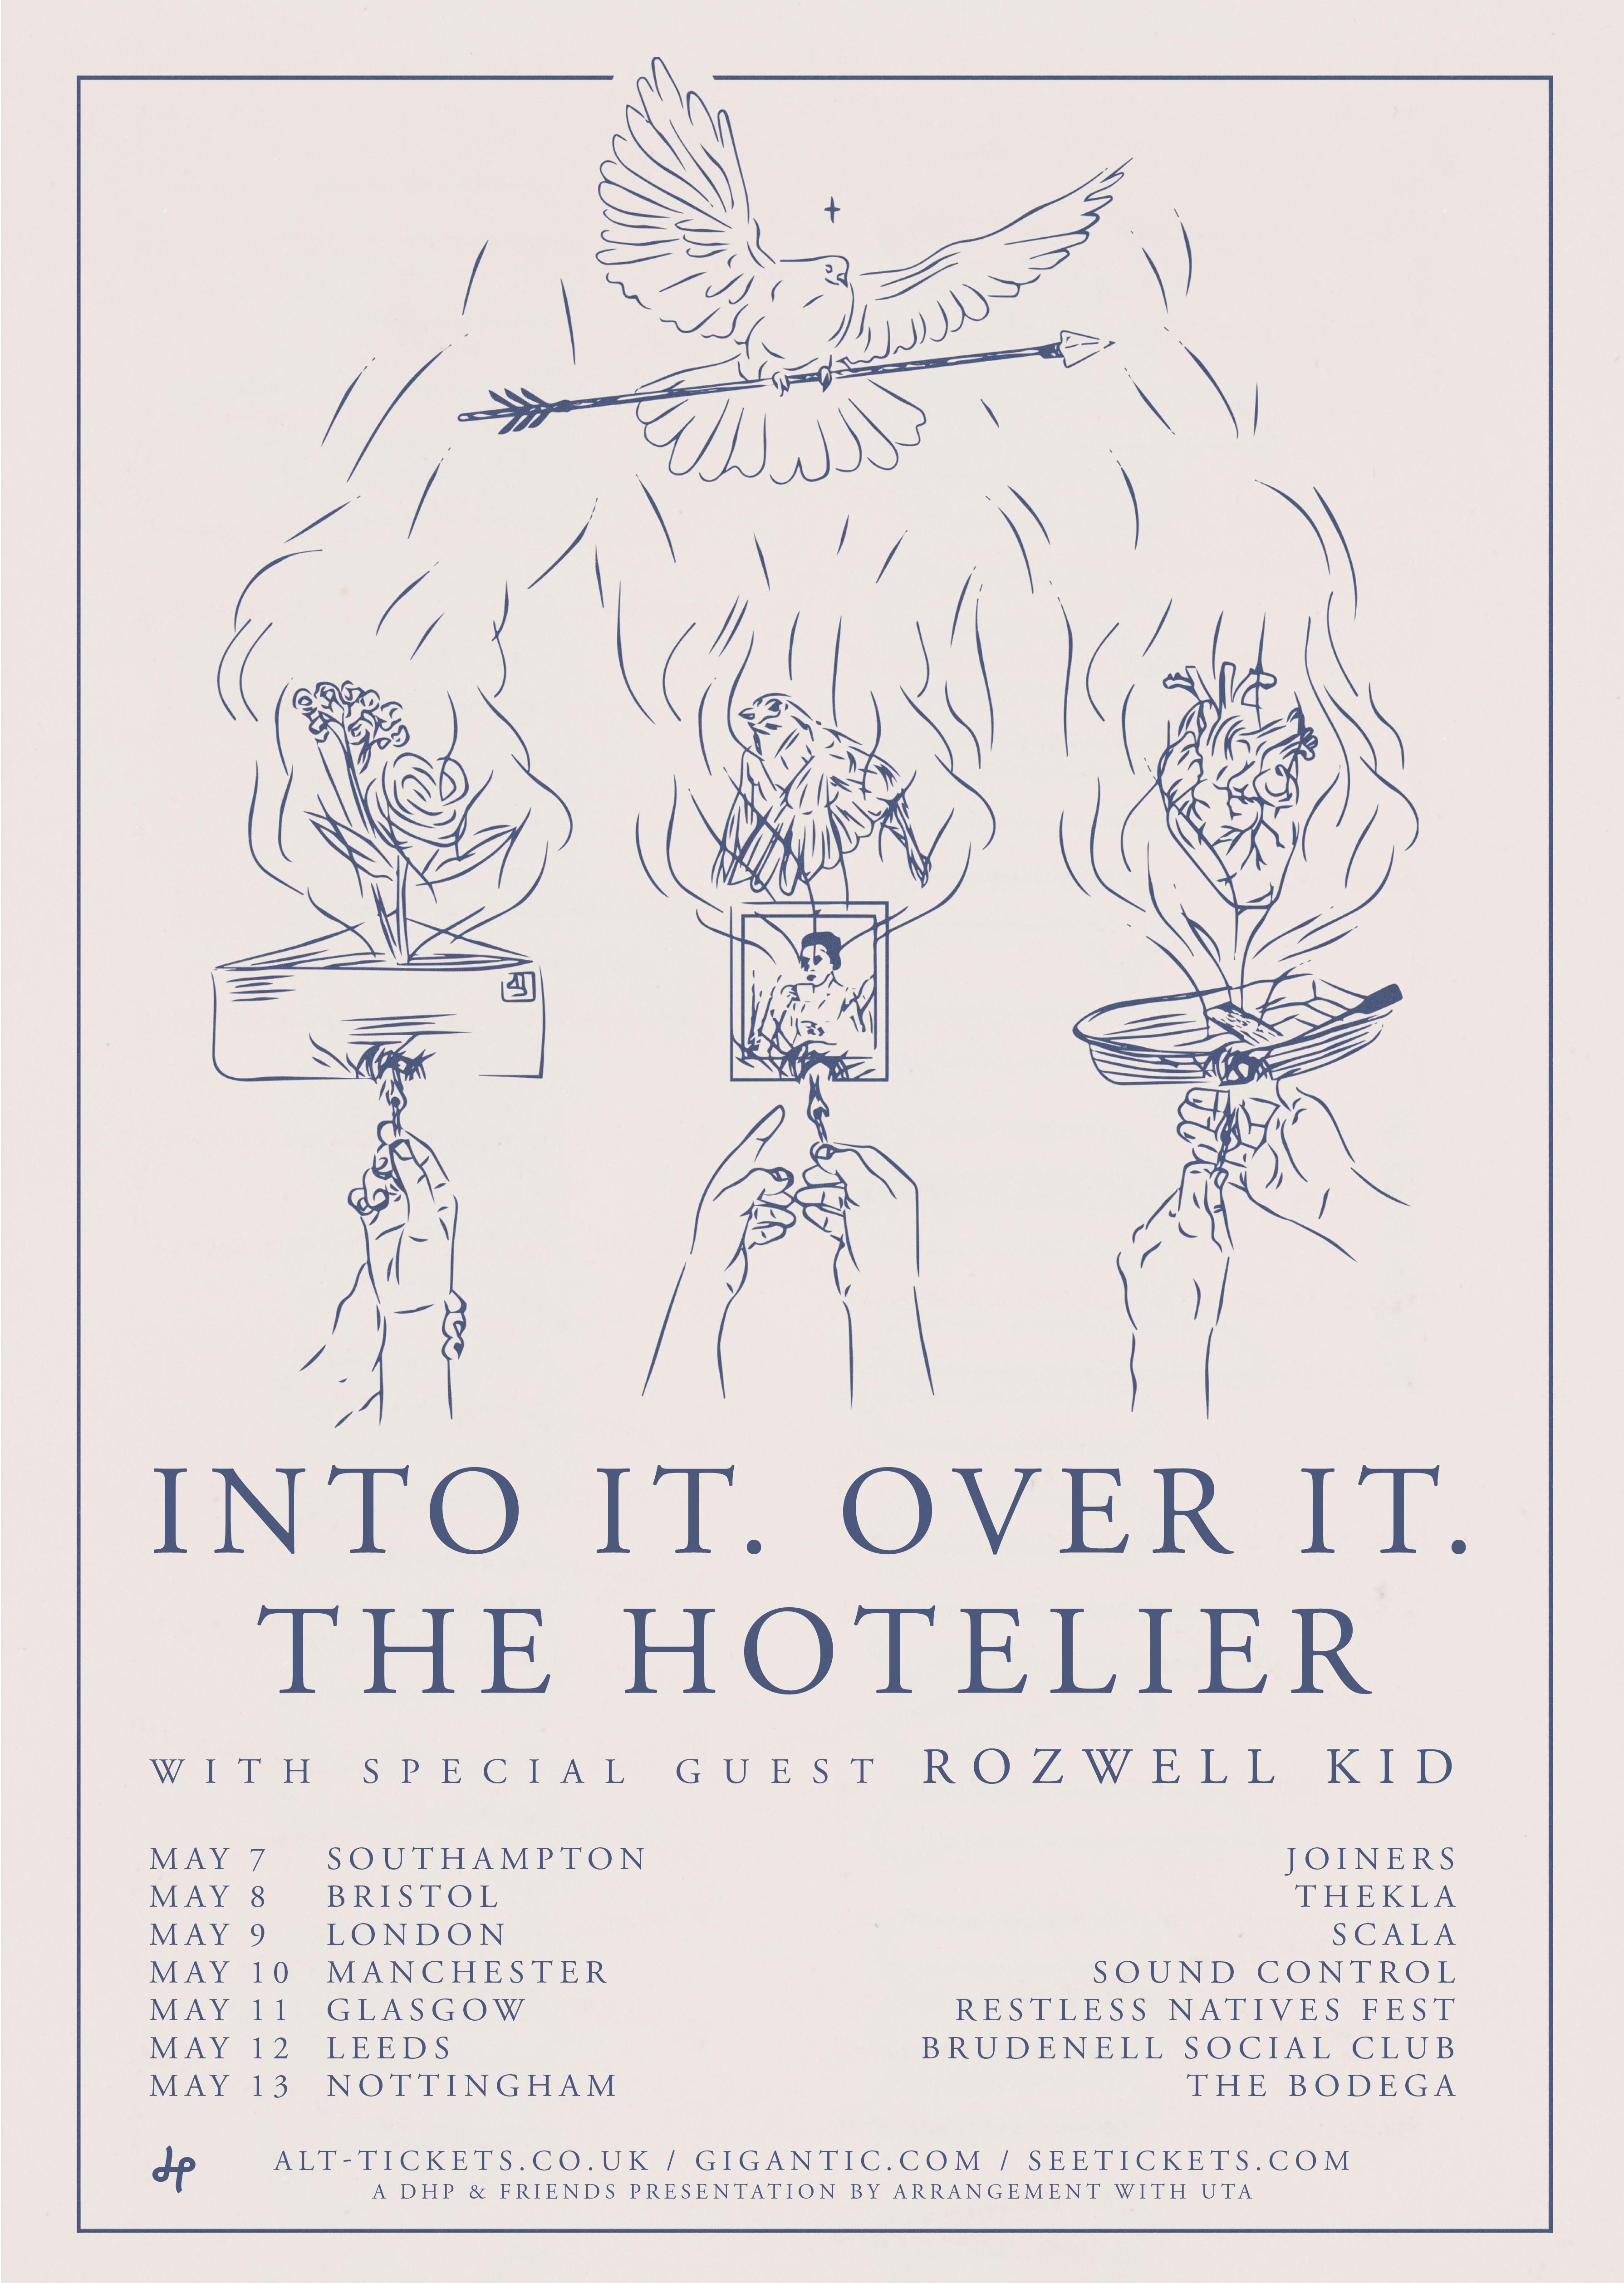 hotelier_intoitoverit_2016_tour